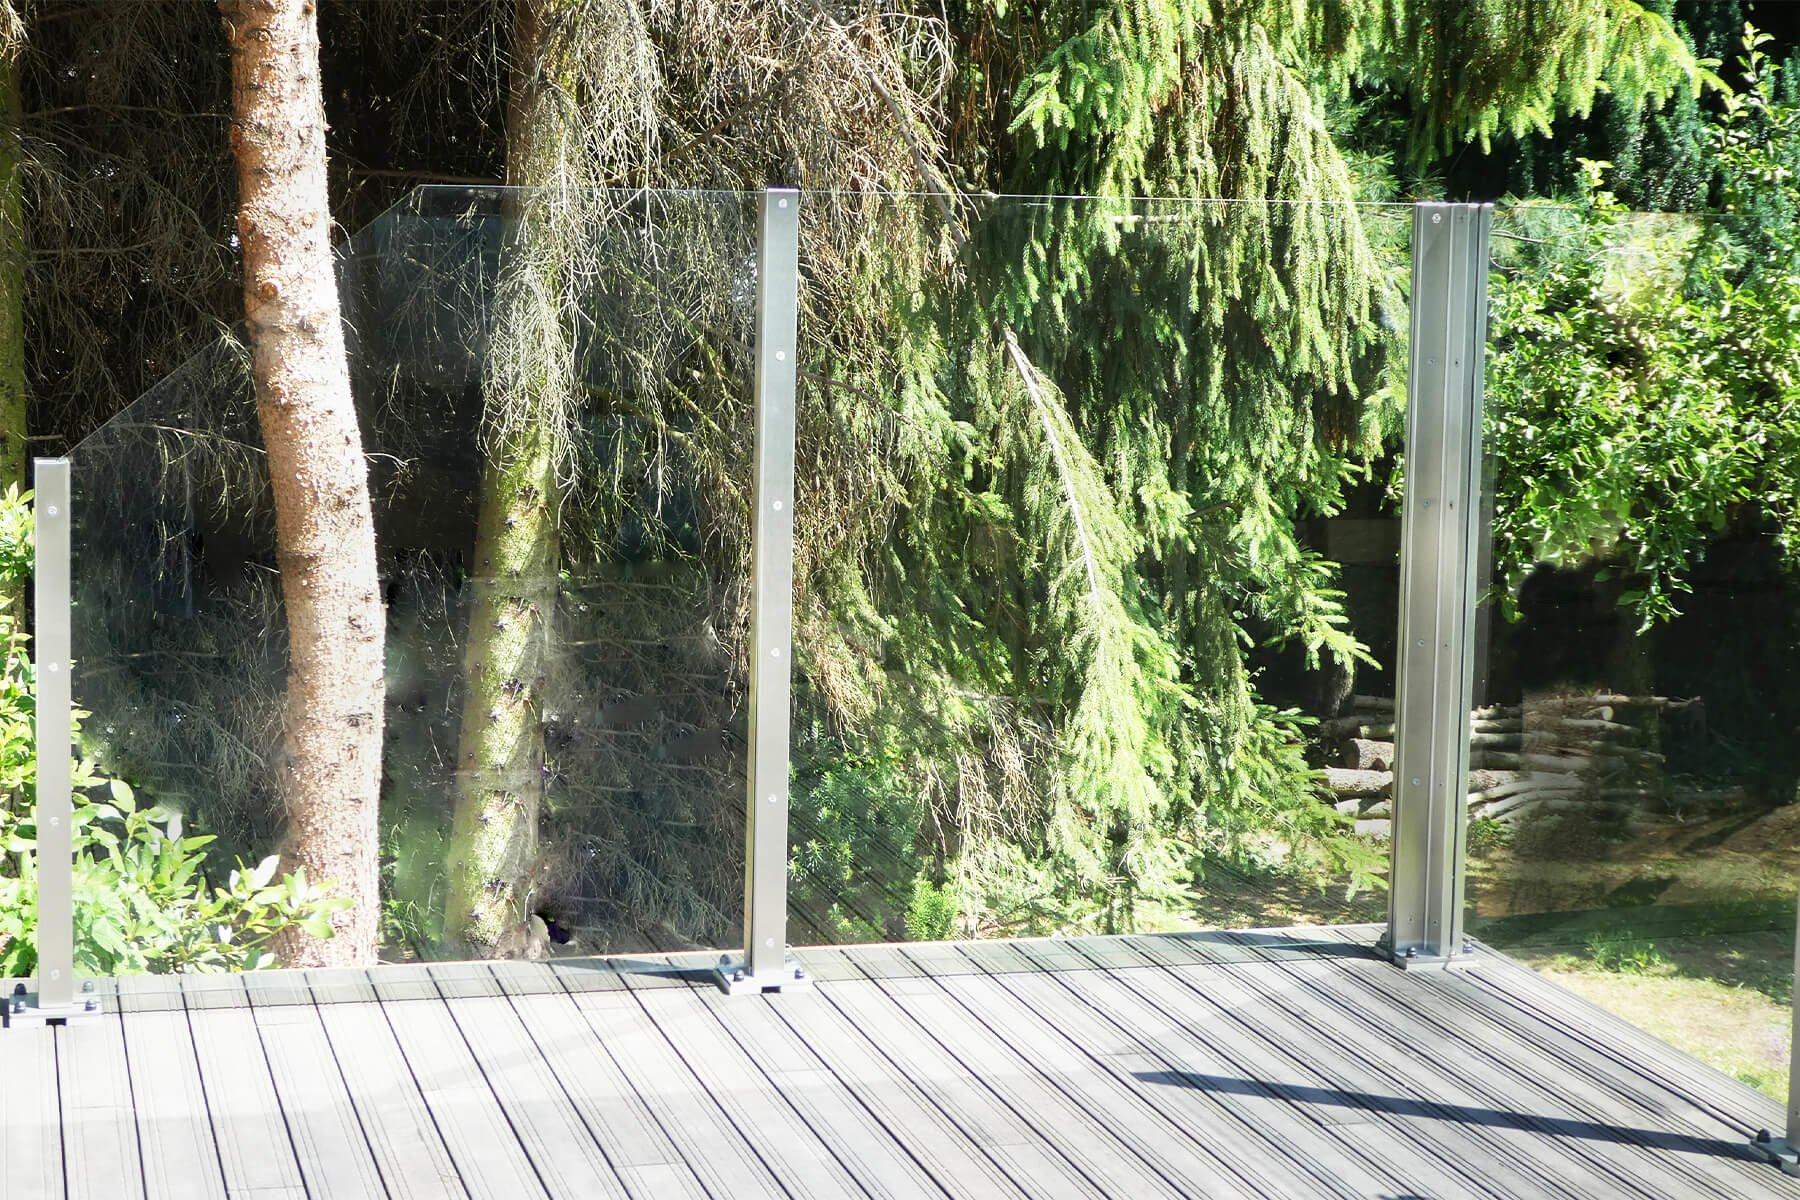 Windschutz aus Glas mit  Individuellen Schrägschnitten ohne Sichteinschränkung für jeden Aussenbereich